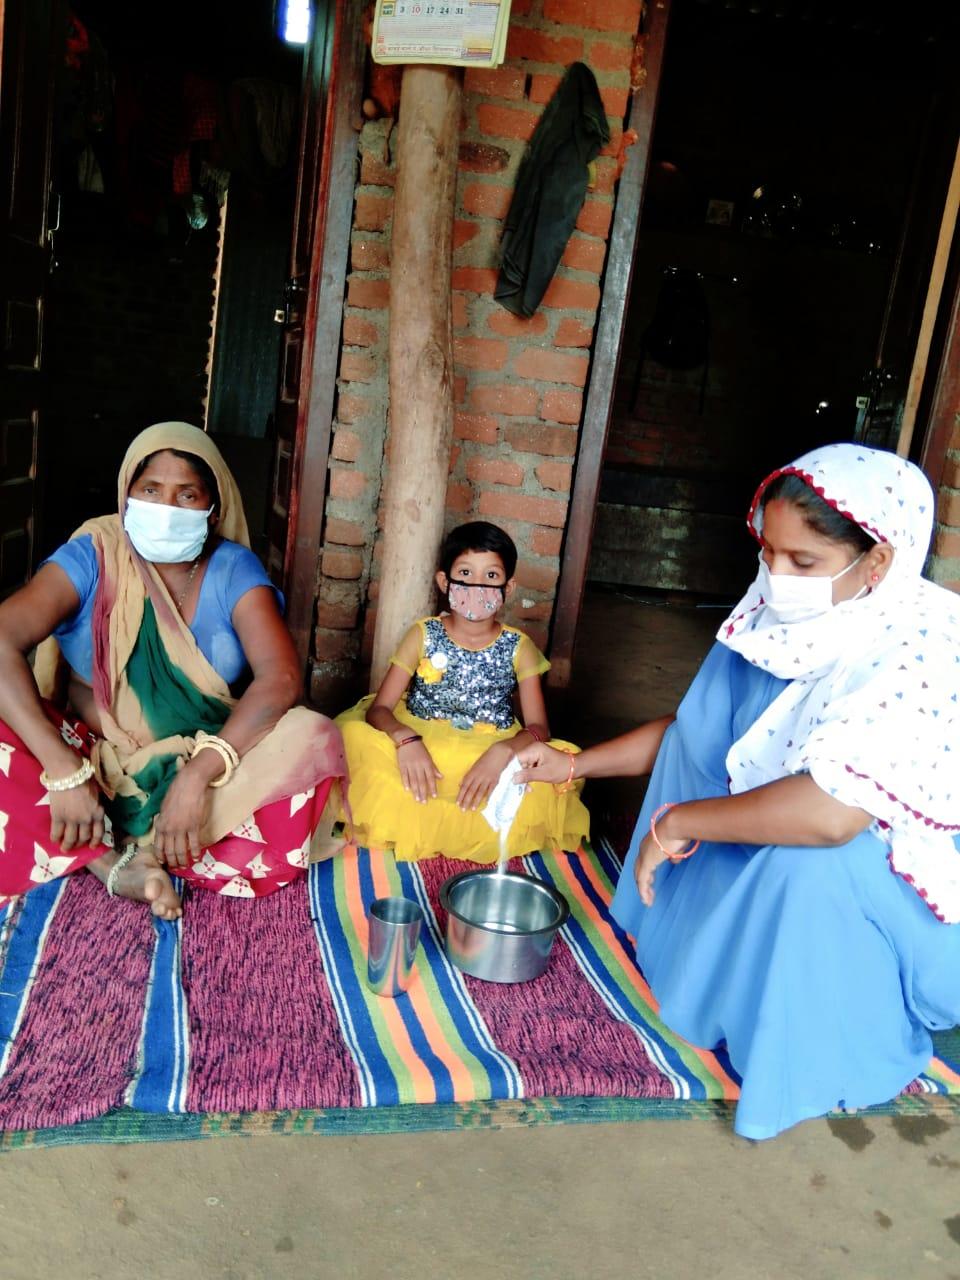 देवदा पीएचसी के भीमपाड़ा गांव के एक घर में परिजनों को ओआरएस बनाने की जानकारी देती आशा सहयोगिनी।